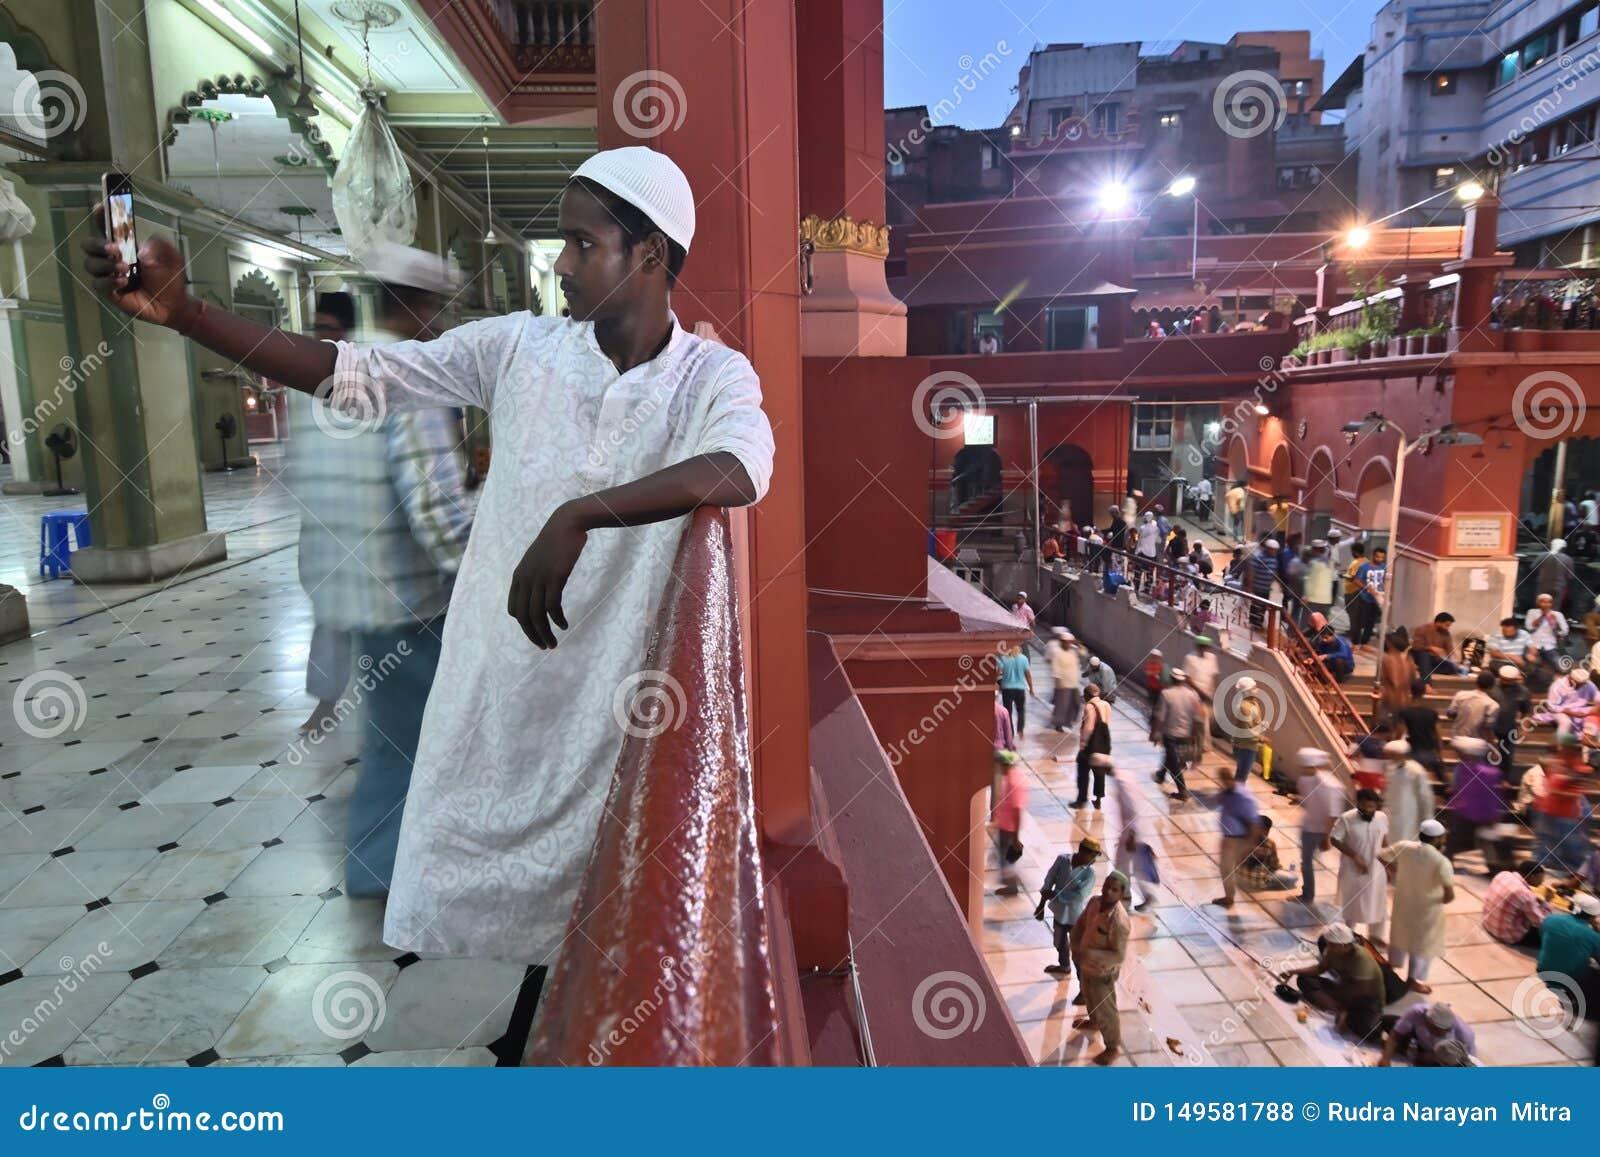 Muslim boy taking selfie during Iftar party at Nakhoda Masjid, Kolkata, India